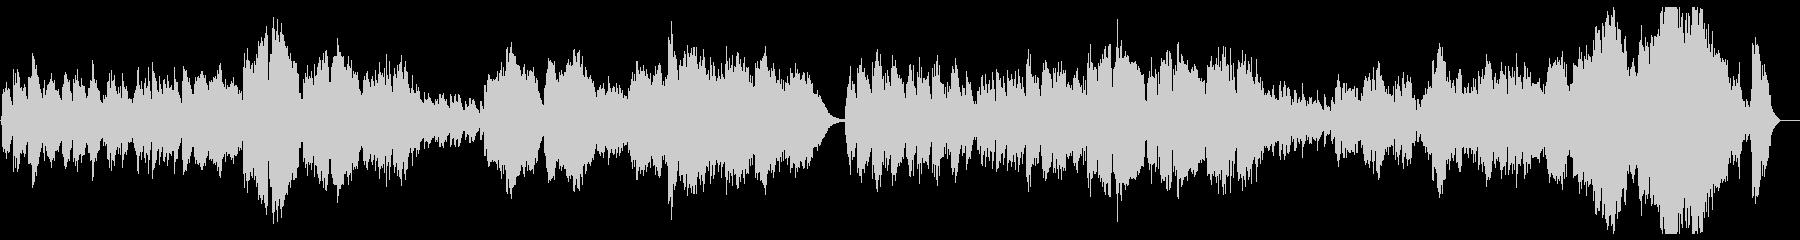 オーケストラのクラシックポップスの未再生の波形